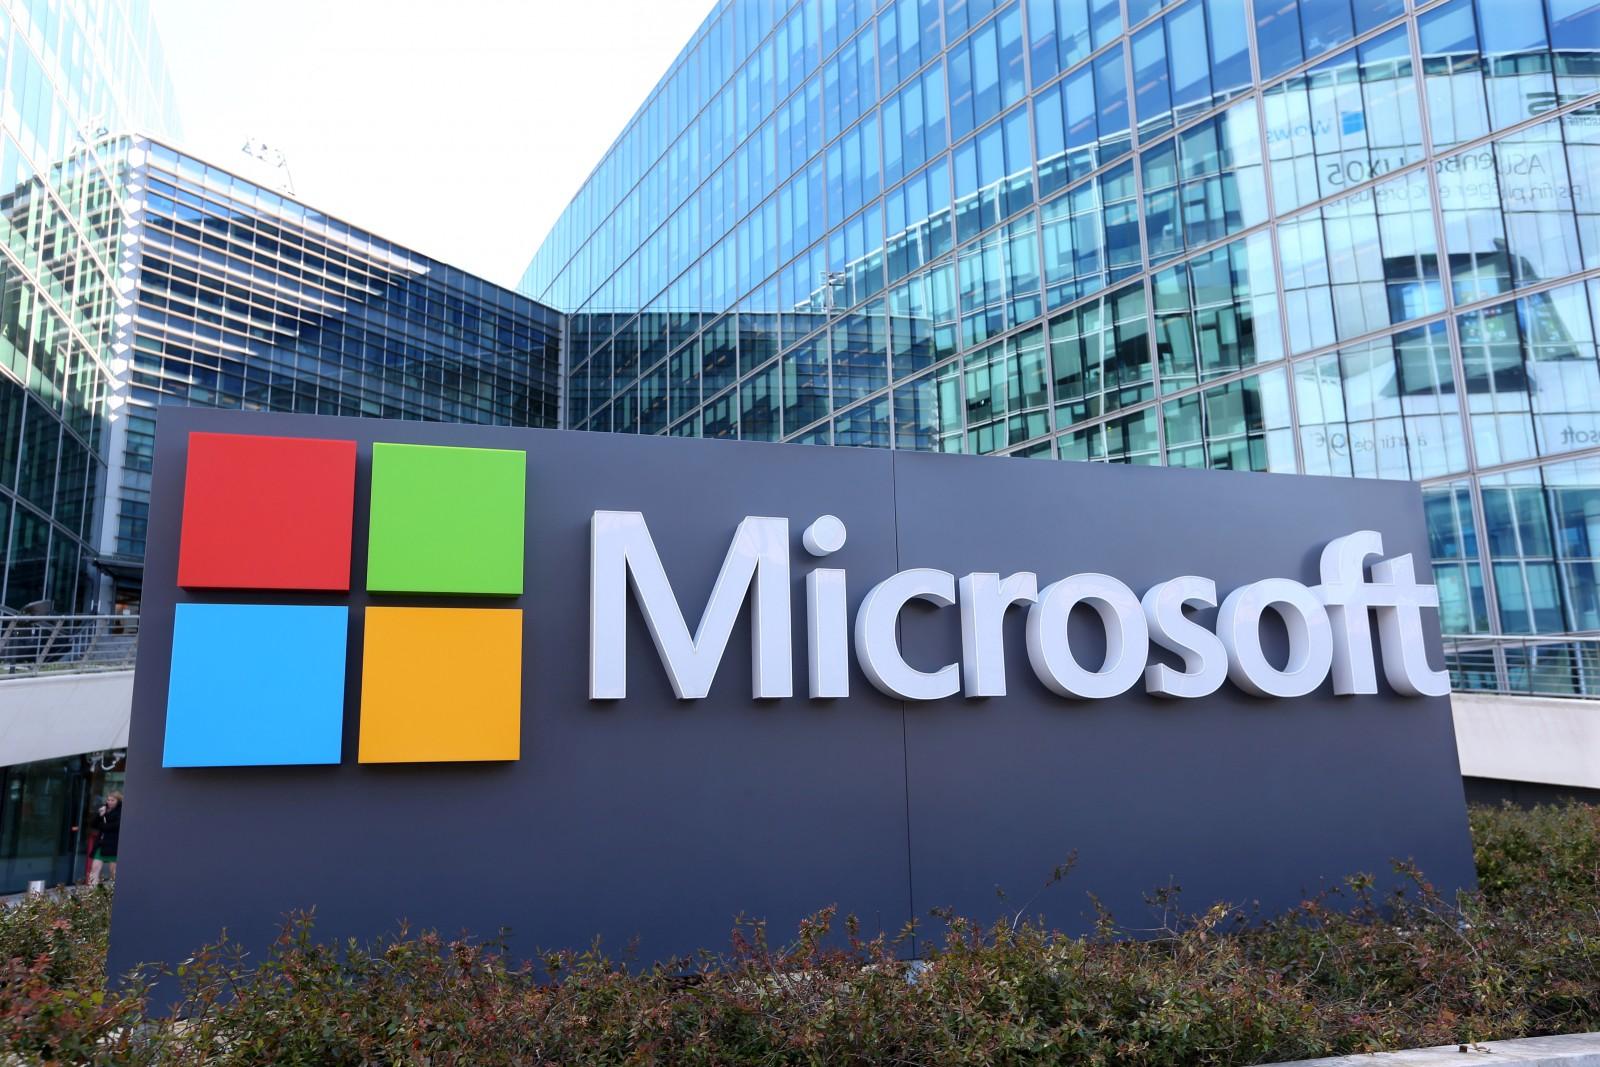 Gigantul Microsoft deschide în Londra primul magazin de retail din Europa, foarte aproape de locaţia Apple